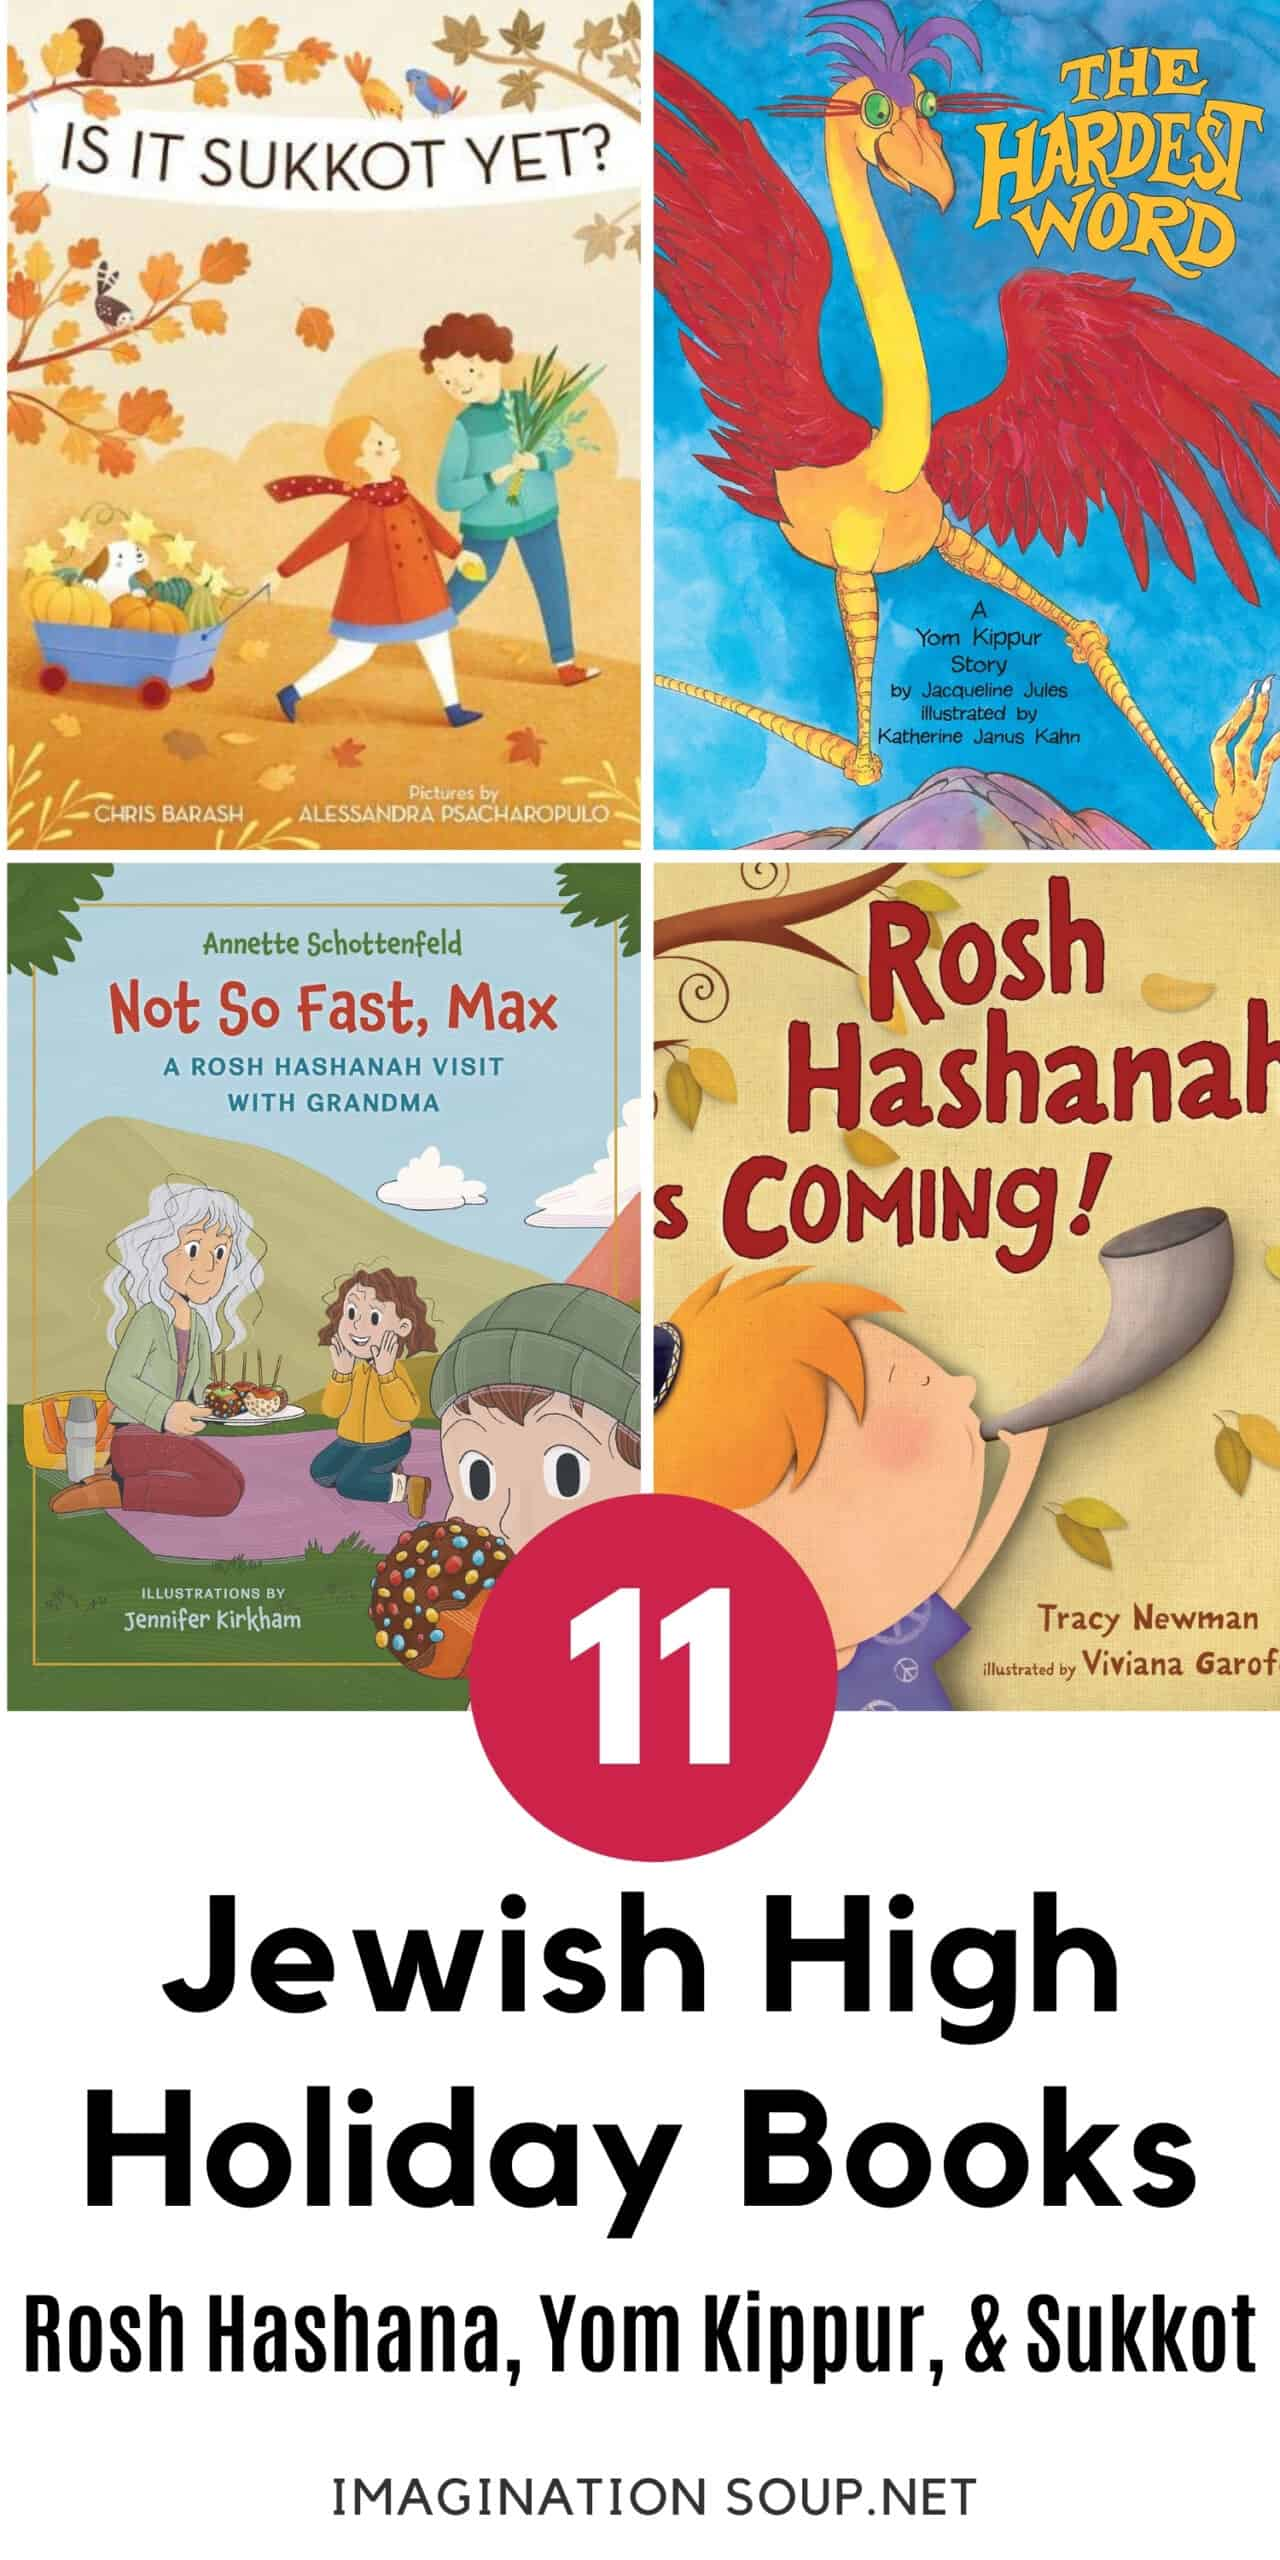 Children's Books About the Jewish High Holidays (Rosh Hashana, Yom Kippur, and Sukkot)